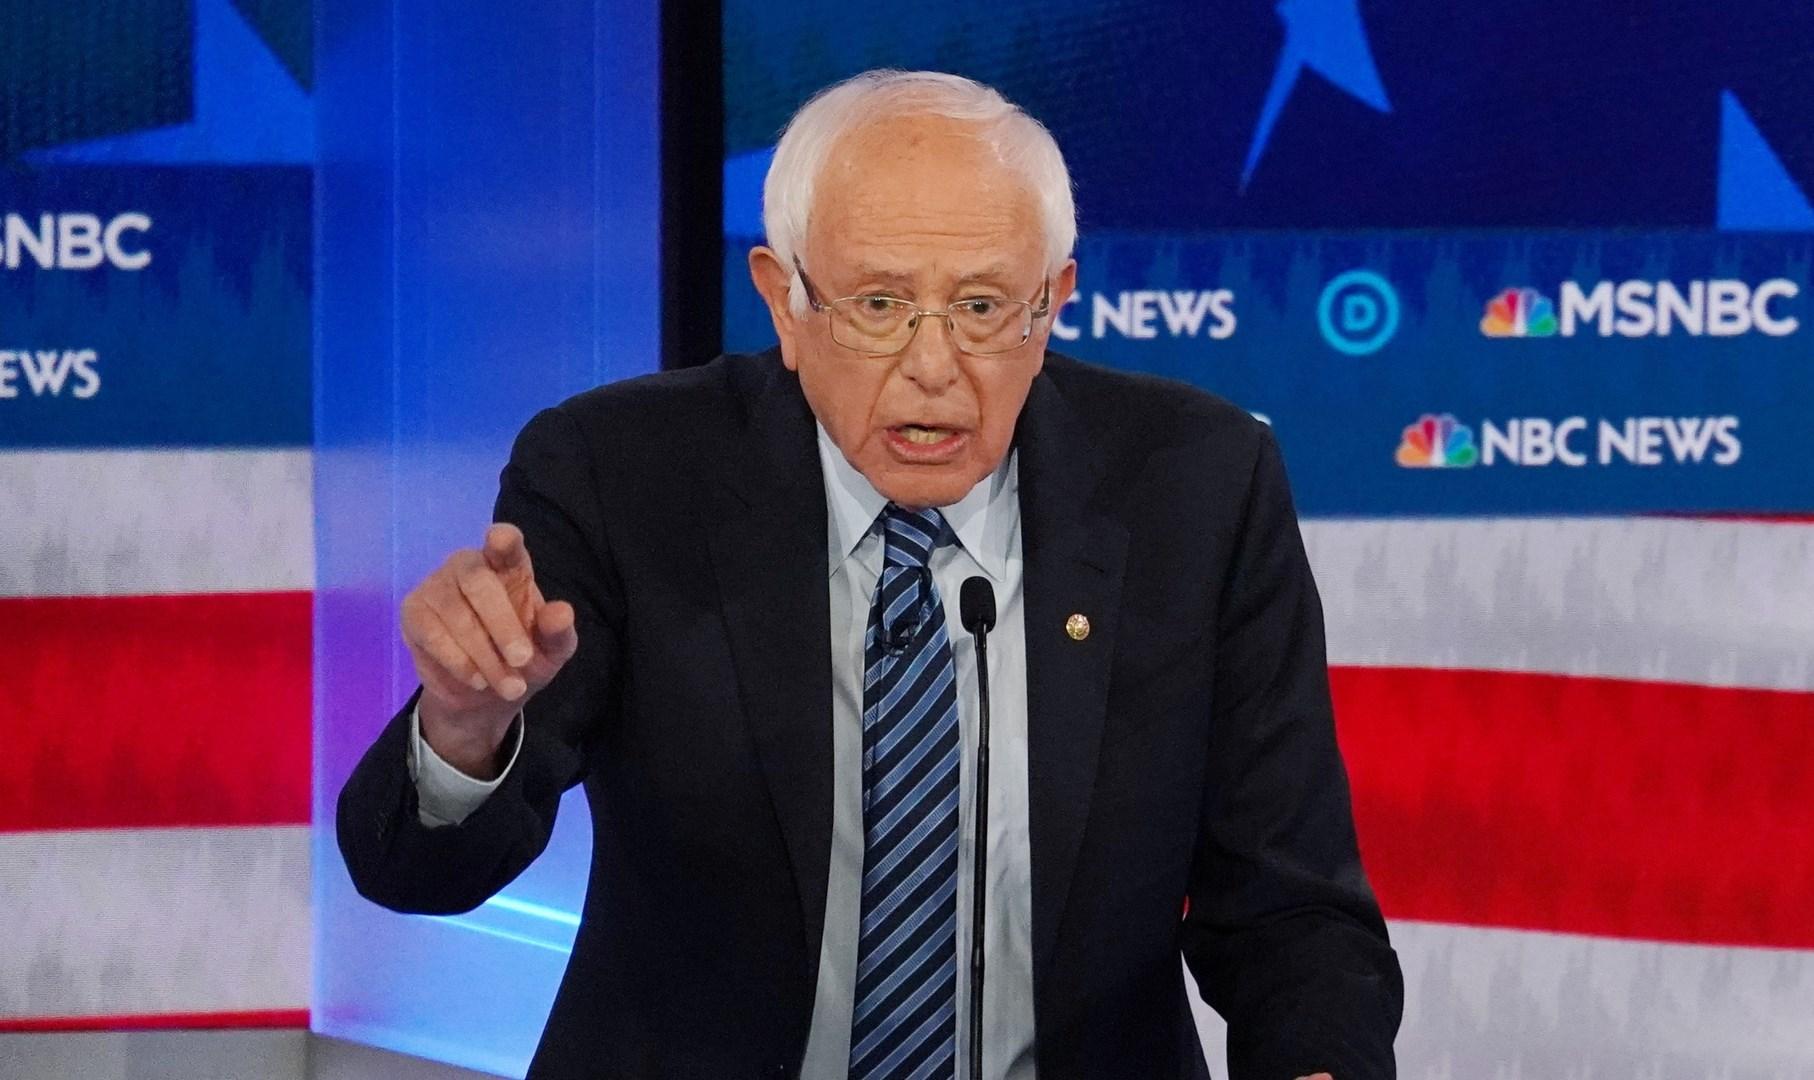 ساندرز يعتزم مراجعة قرار نقل السفارة الأميركية إلى القدس إذا انتخب رئيساً